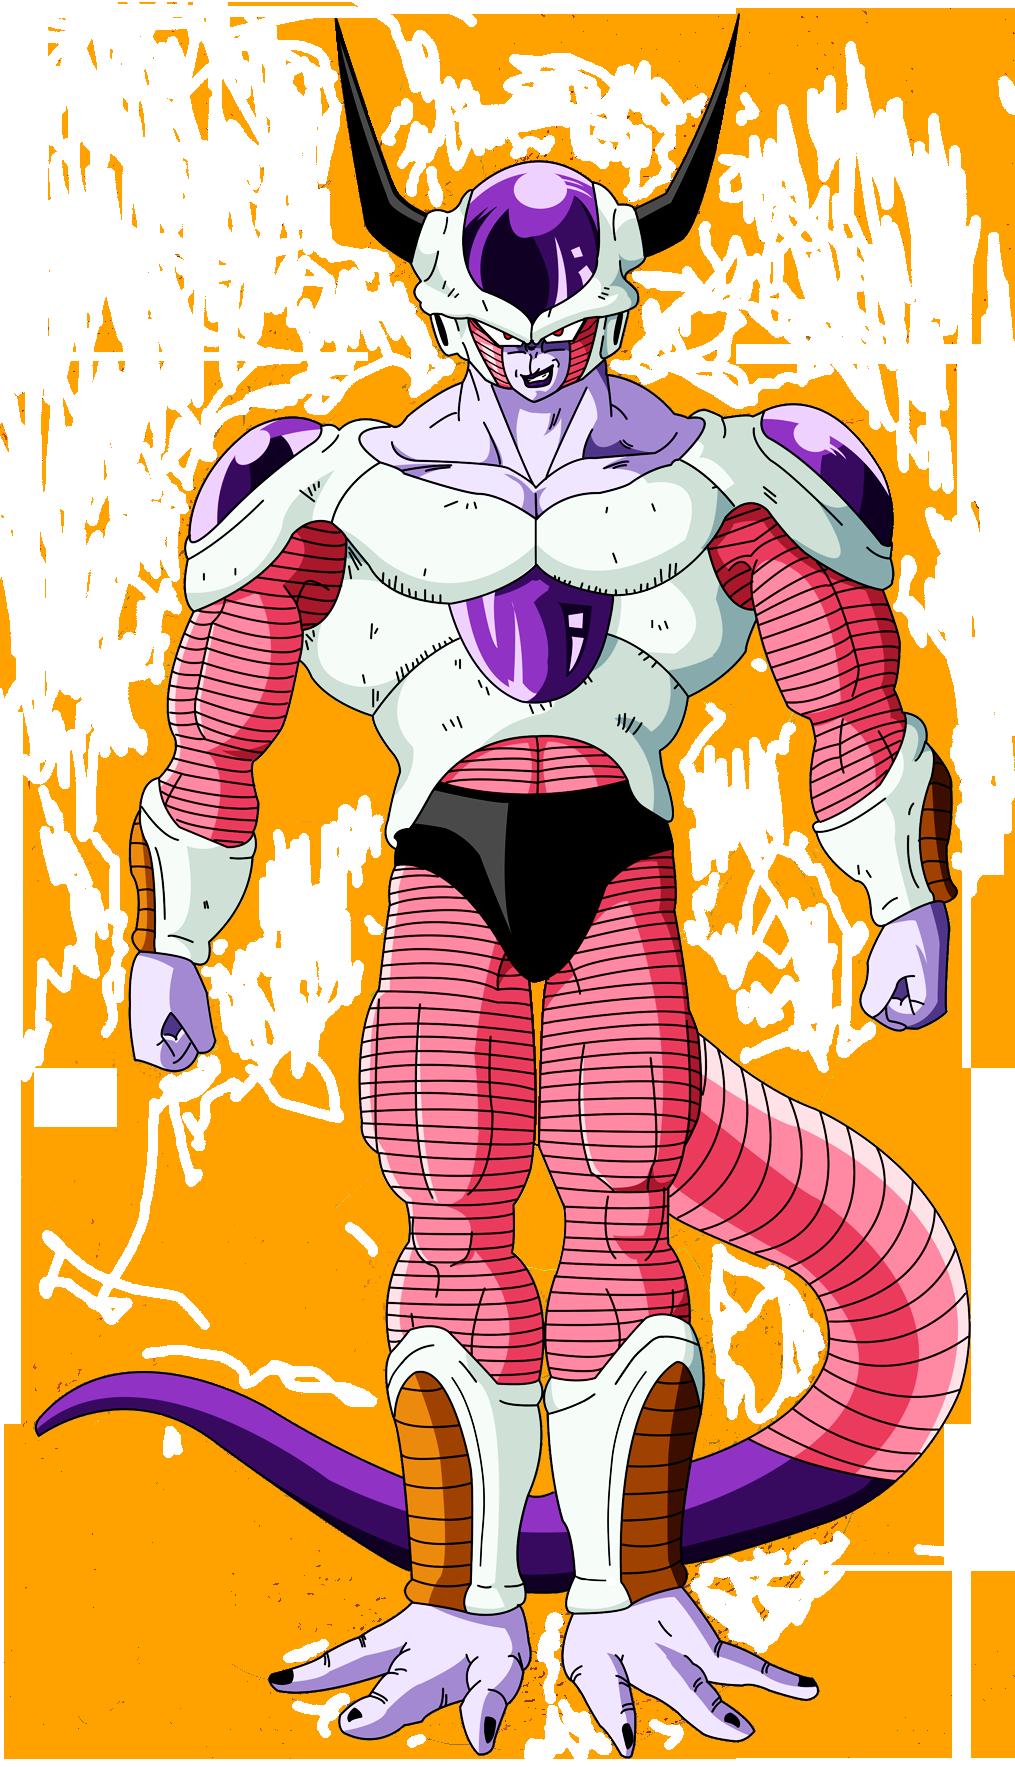 Las transformaciones de Dragon Ball Z y GT parte 1